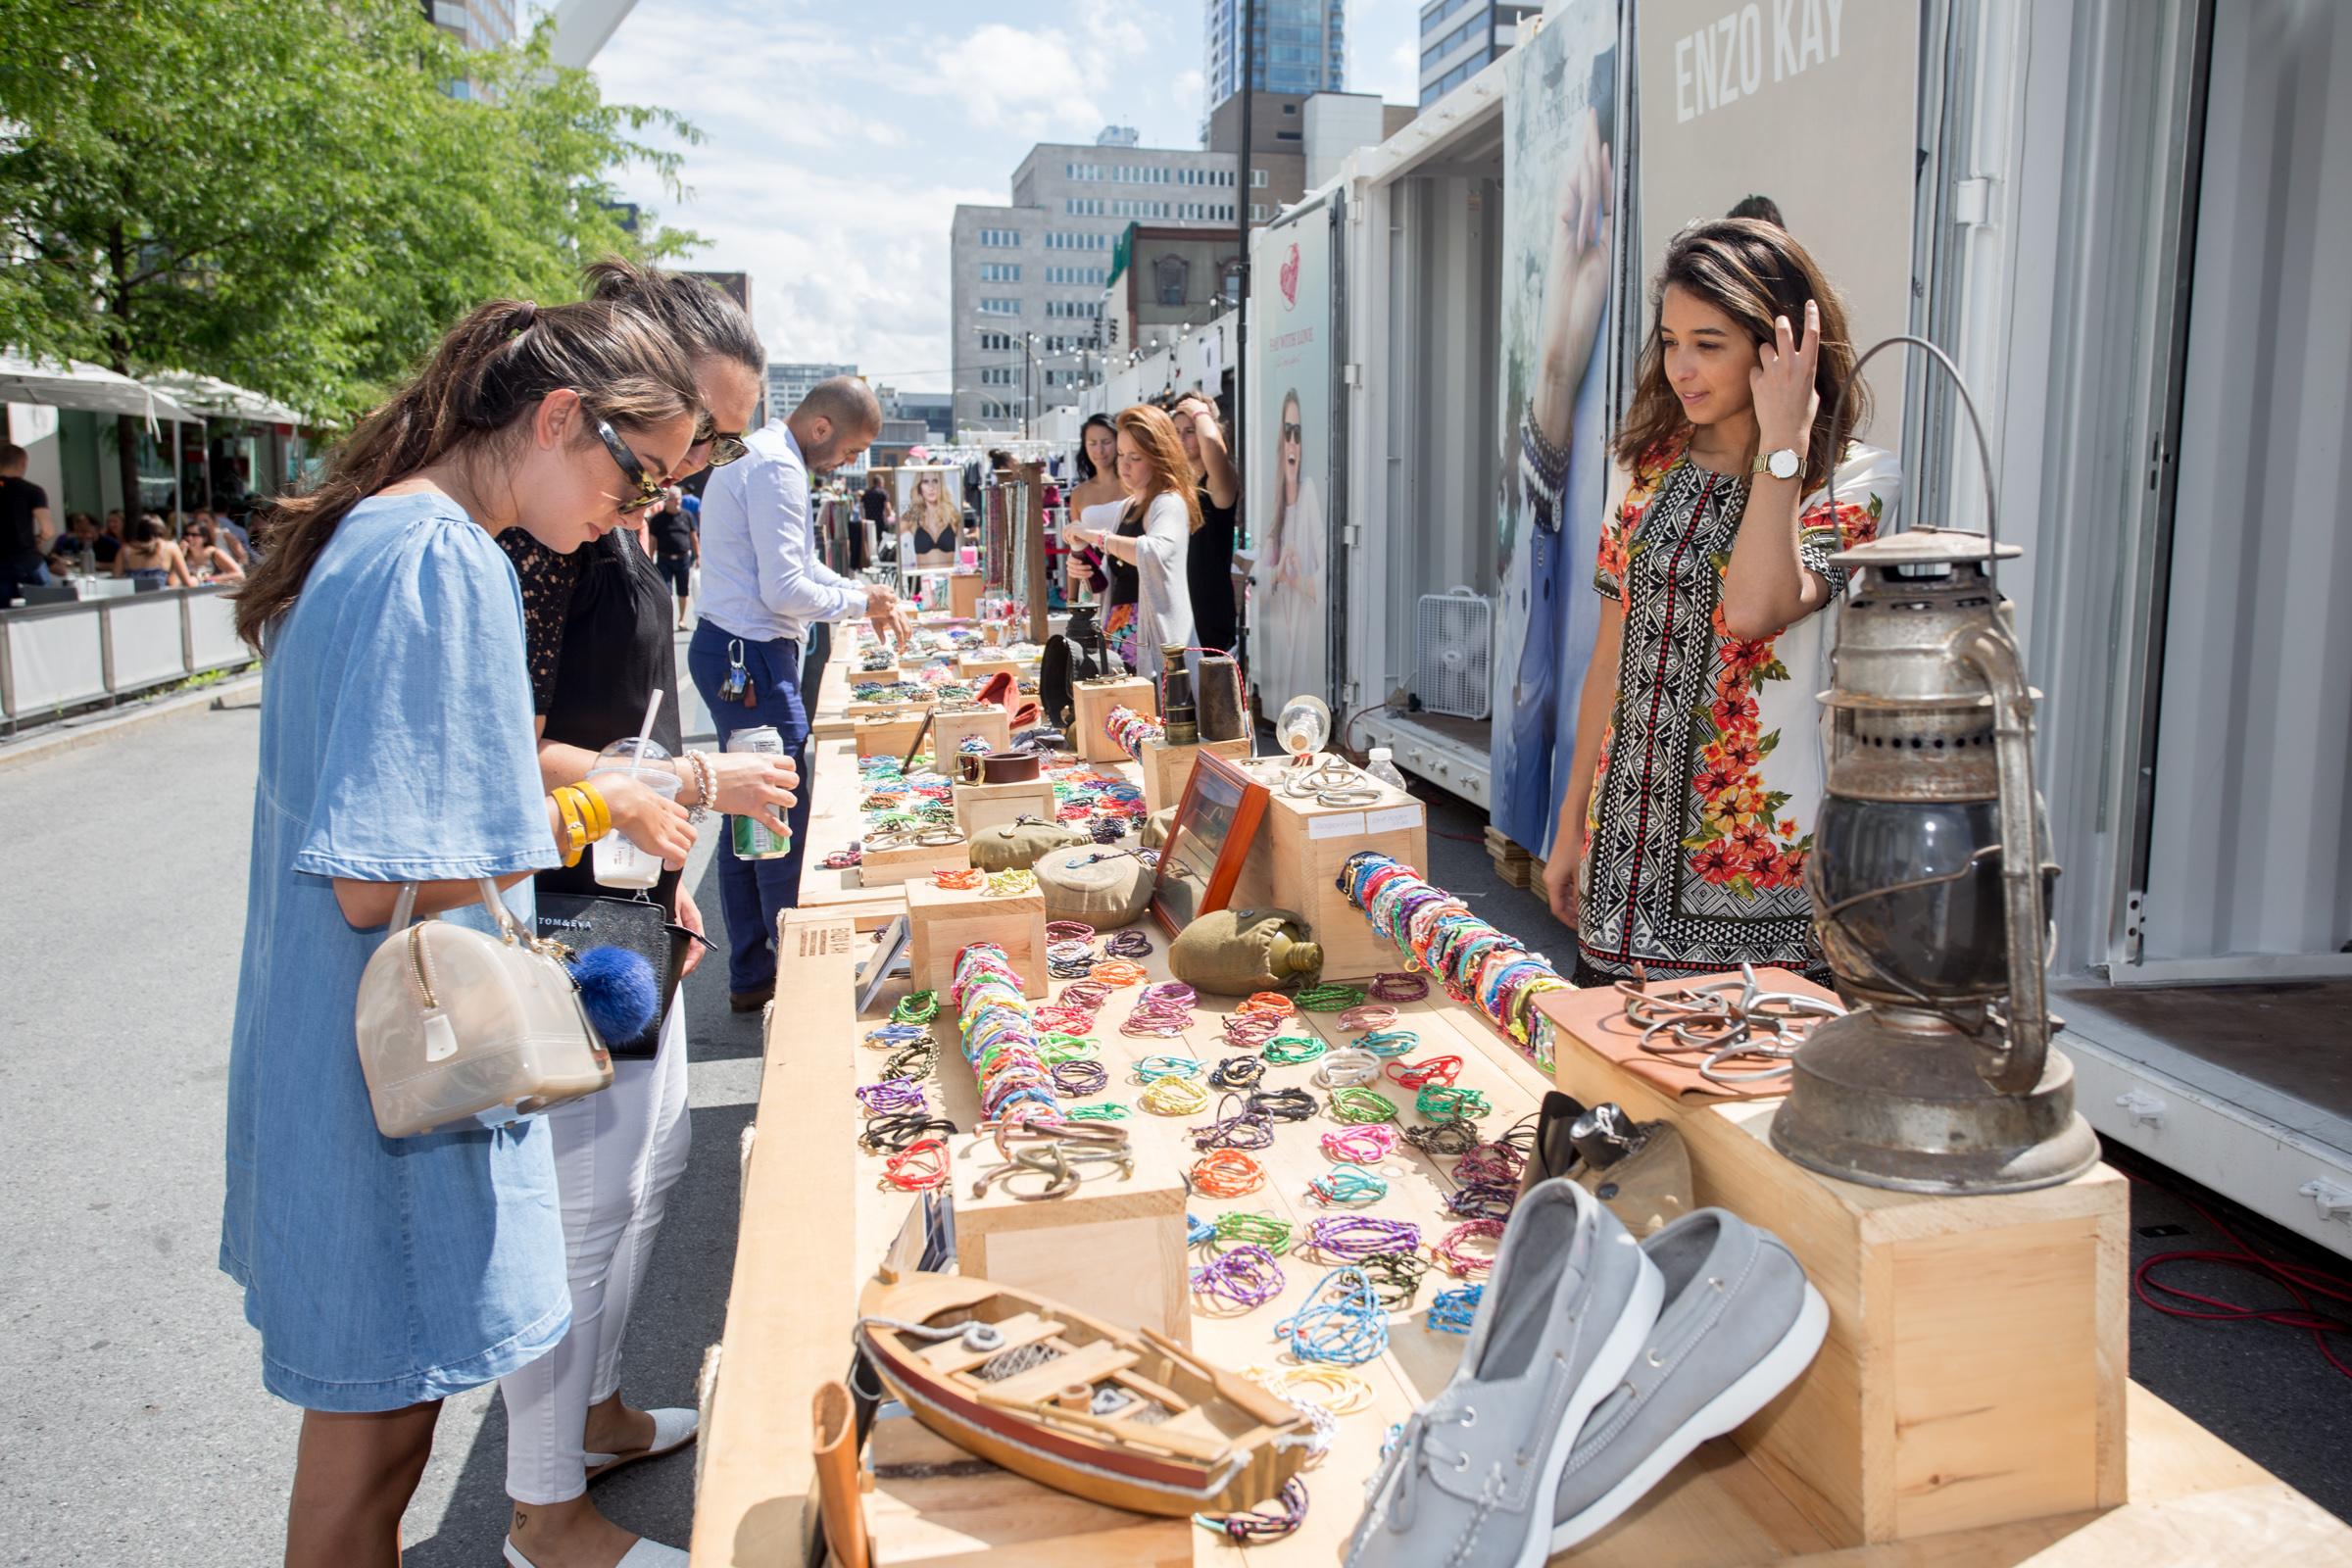 festival mode & design 2016, pop-up boutiques, montréal